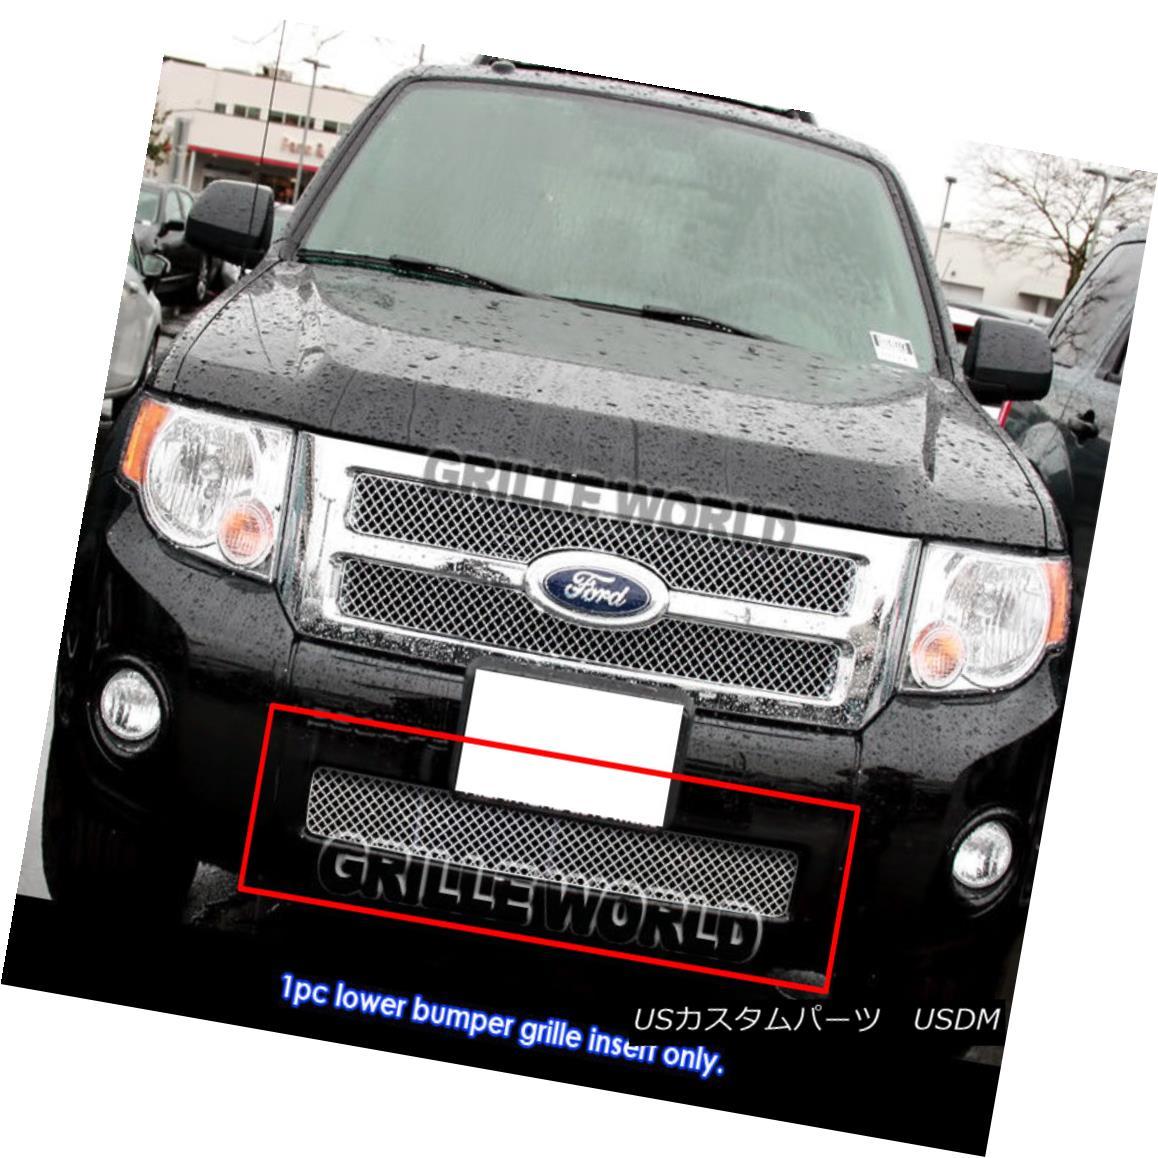 グリル 08-2012 Ford Escape Bumper Stainless Steel Chrome X Mesh Grille Insert 08-2012フォードエスケープバンパーステンレススチールクロームメッシュグリルインサート